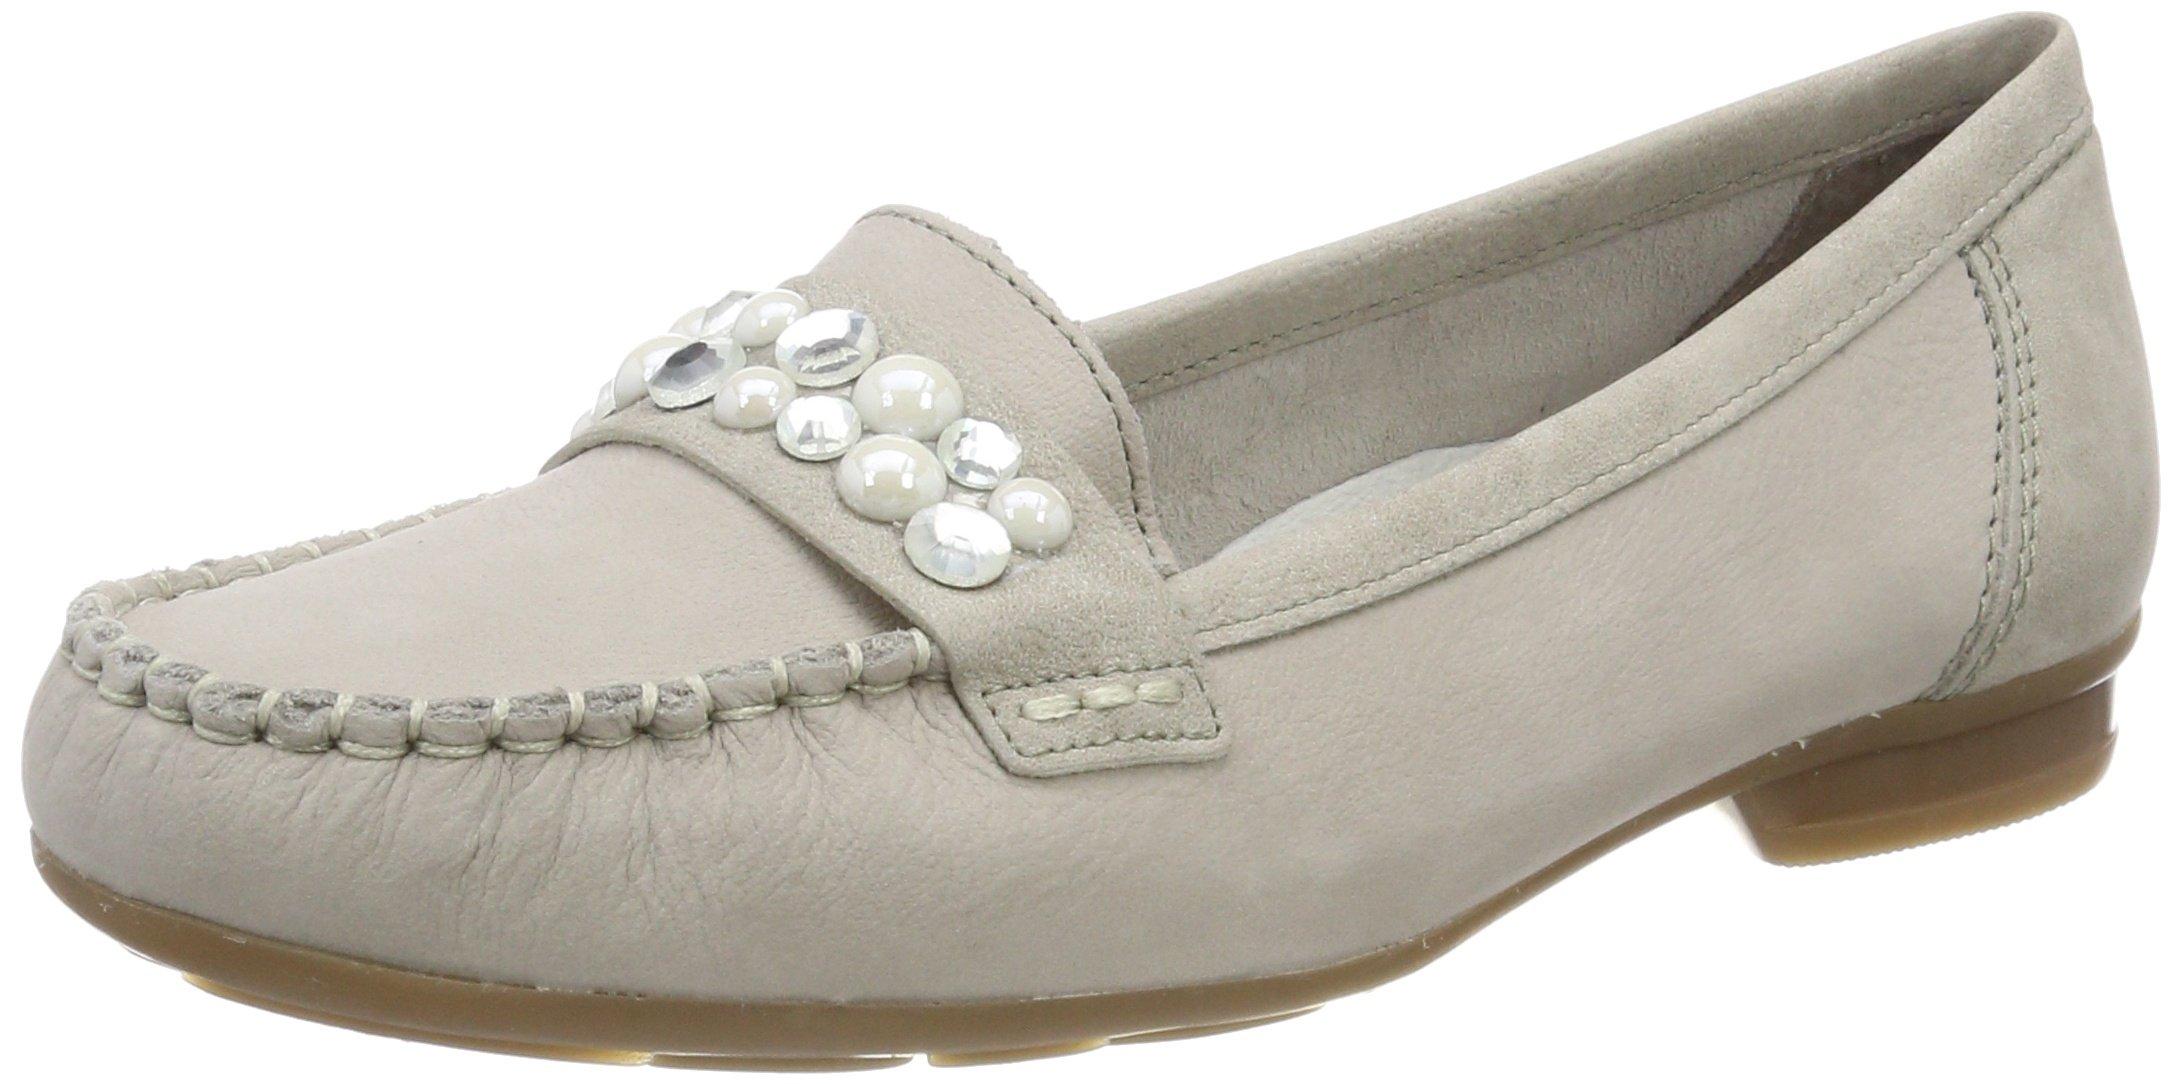 Rieker Women's Light Gray Leather Loafer Flat Shoe UK 7 - EU 40 - US 9